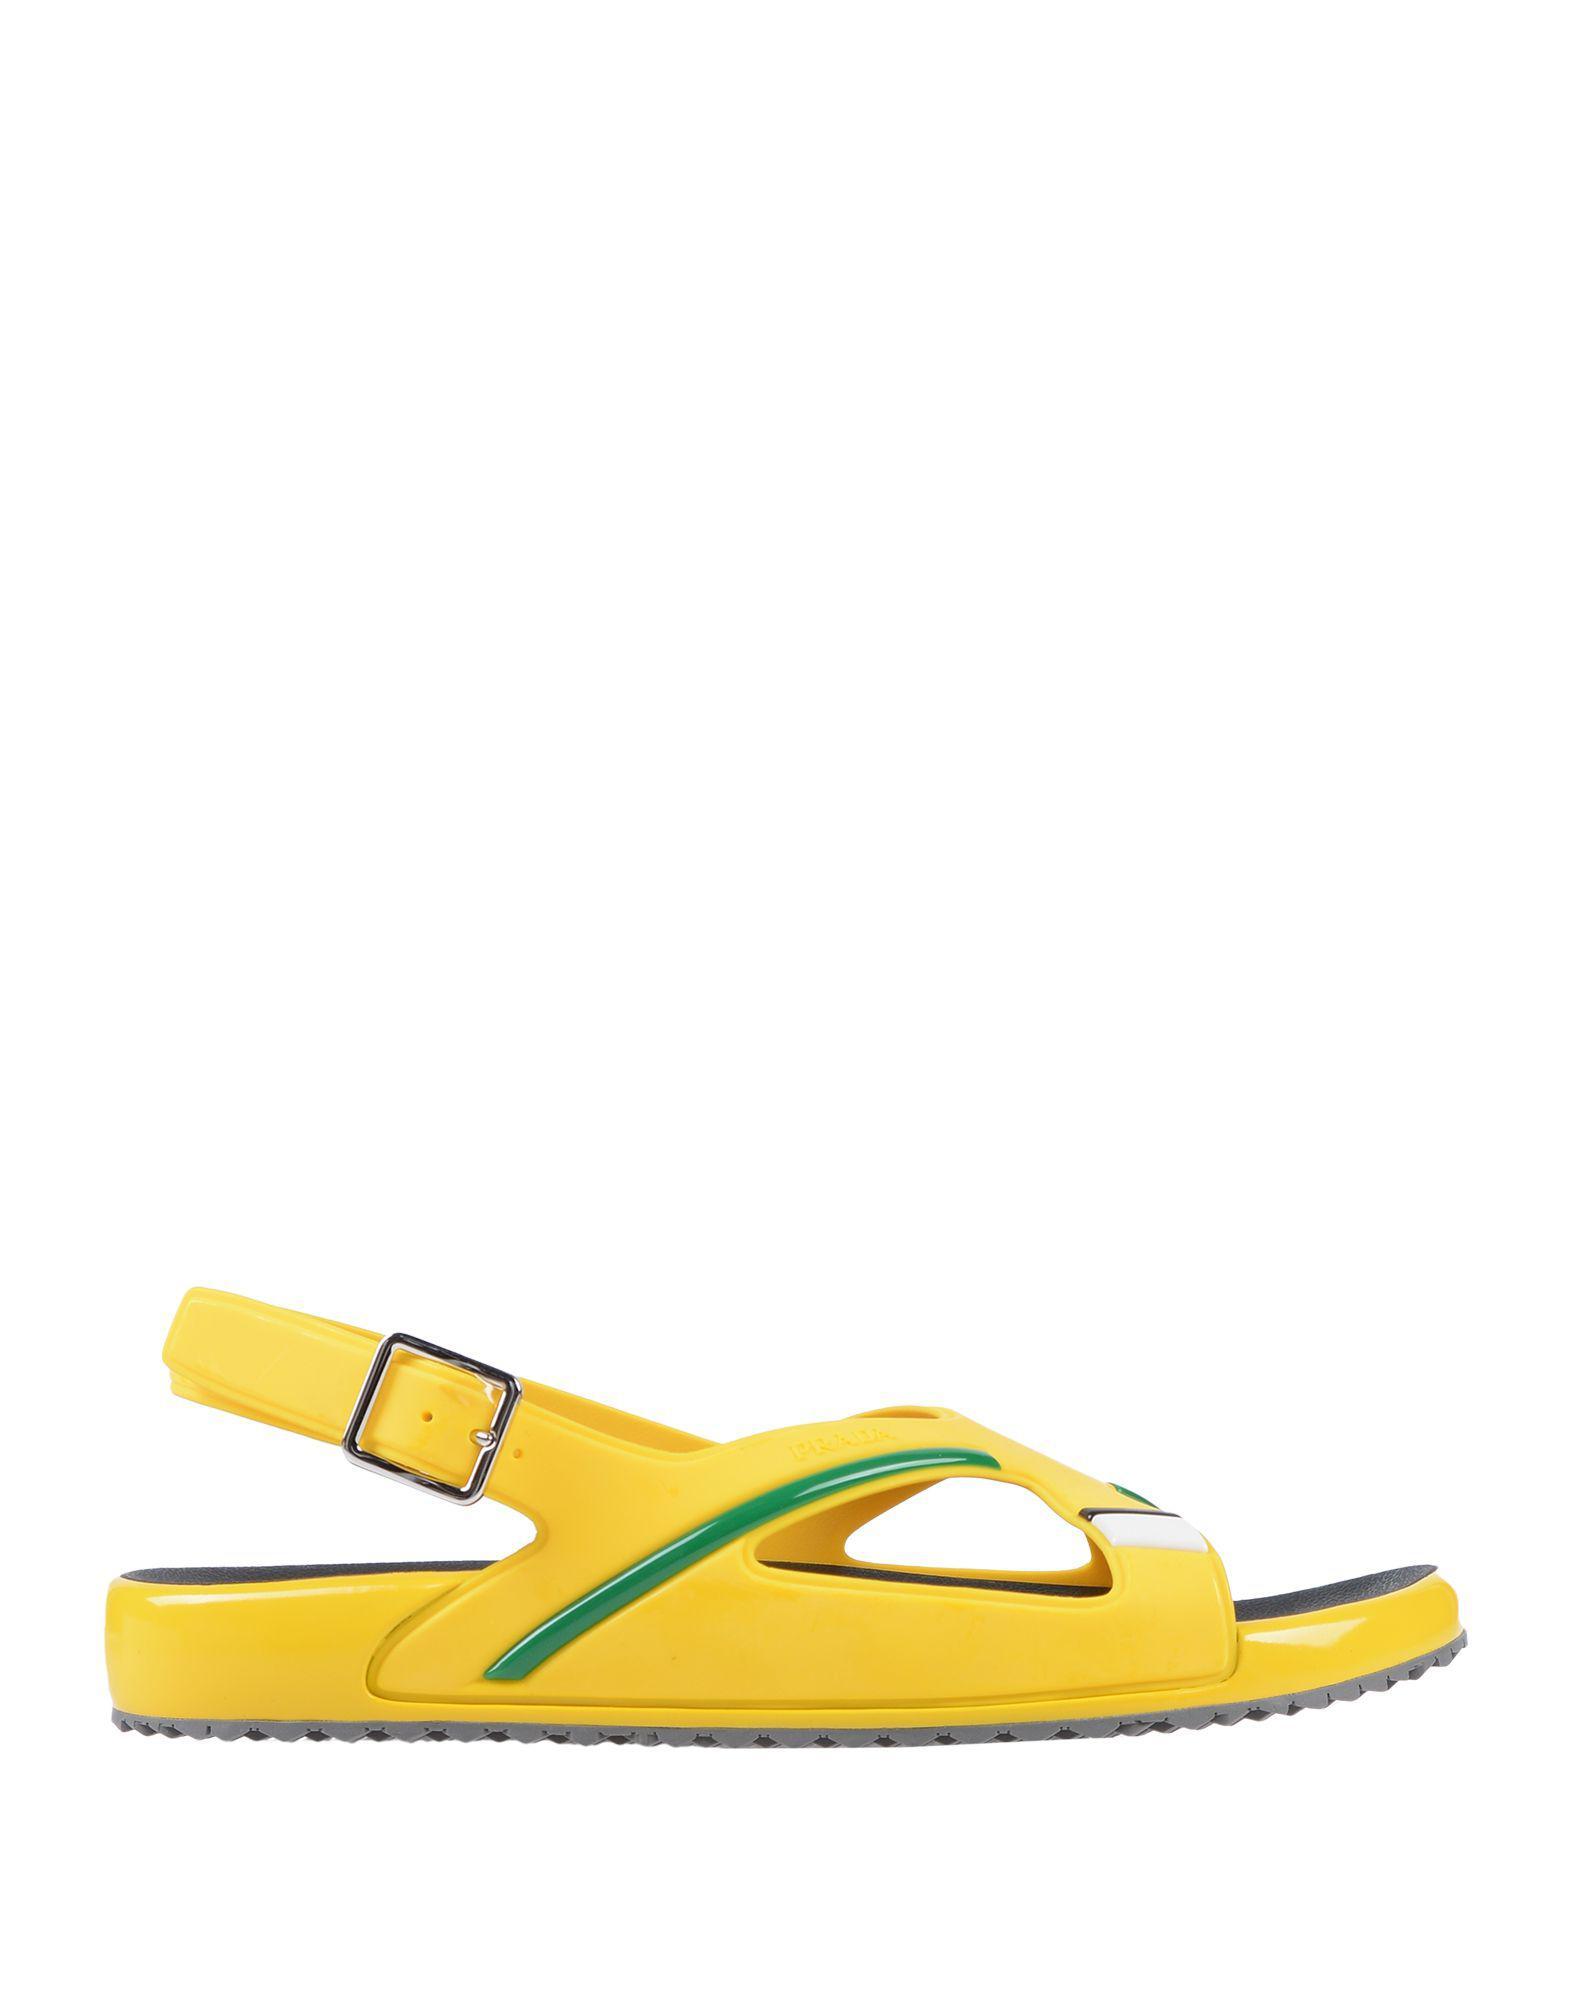 7de0d408f4ee Prada Sandals in Yellow for Men - Lyst